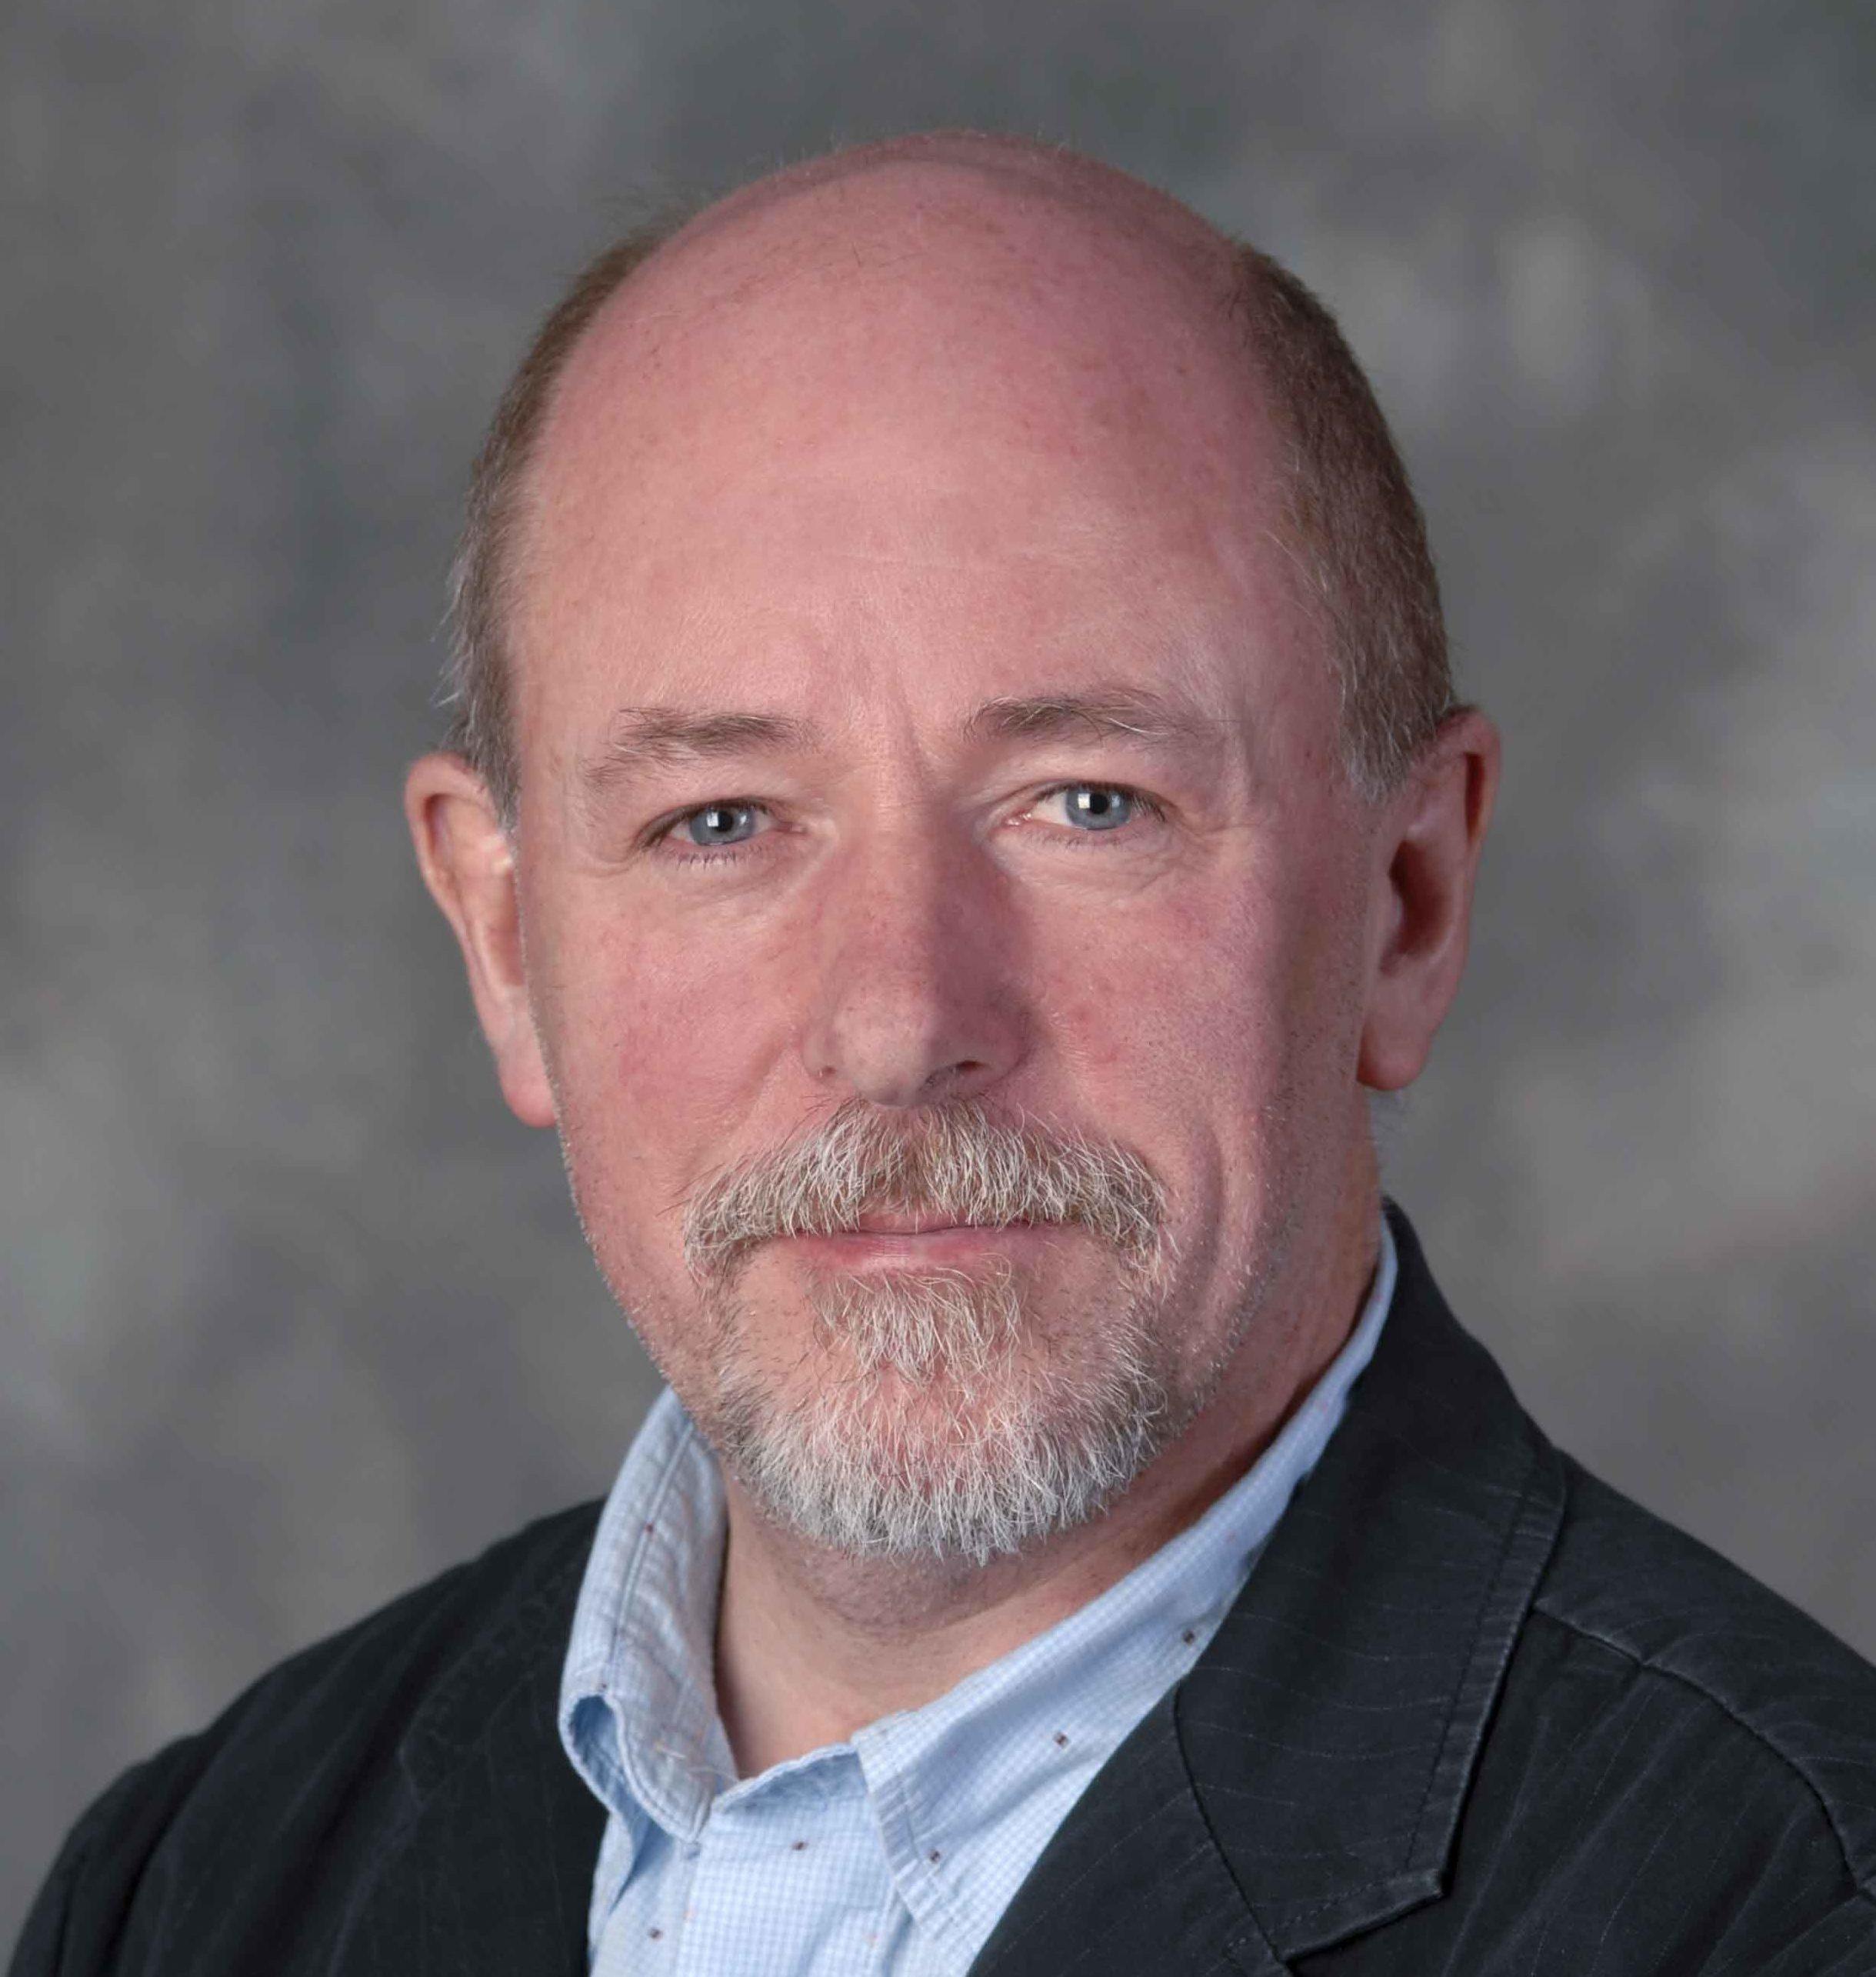 Terry Clark. (Provided photo by Steve Buhman, SIU photographer)